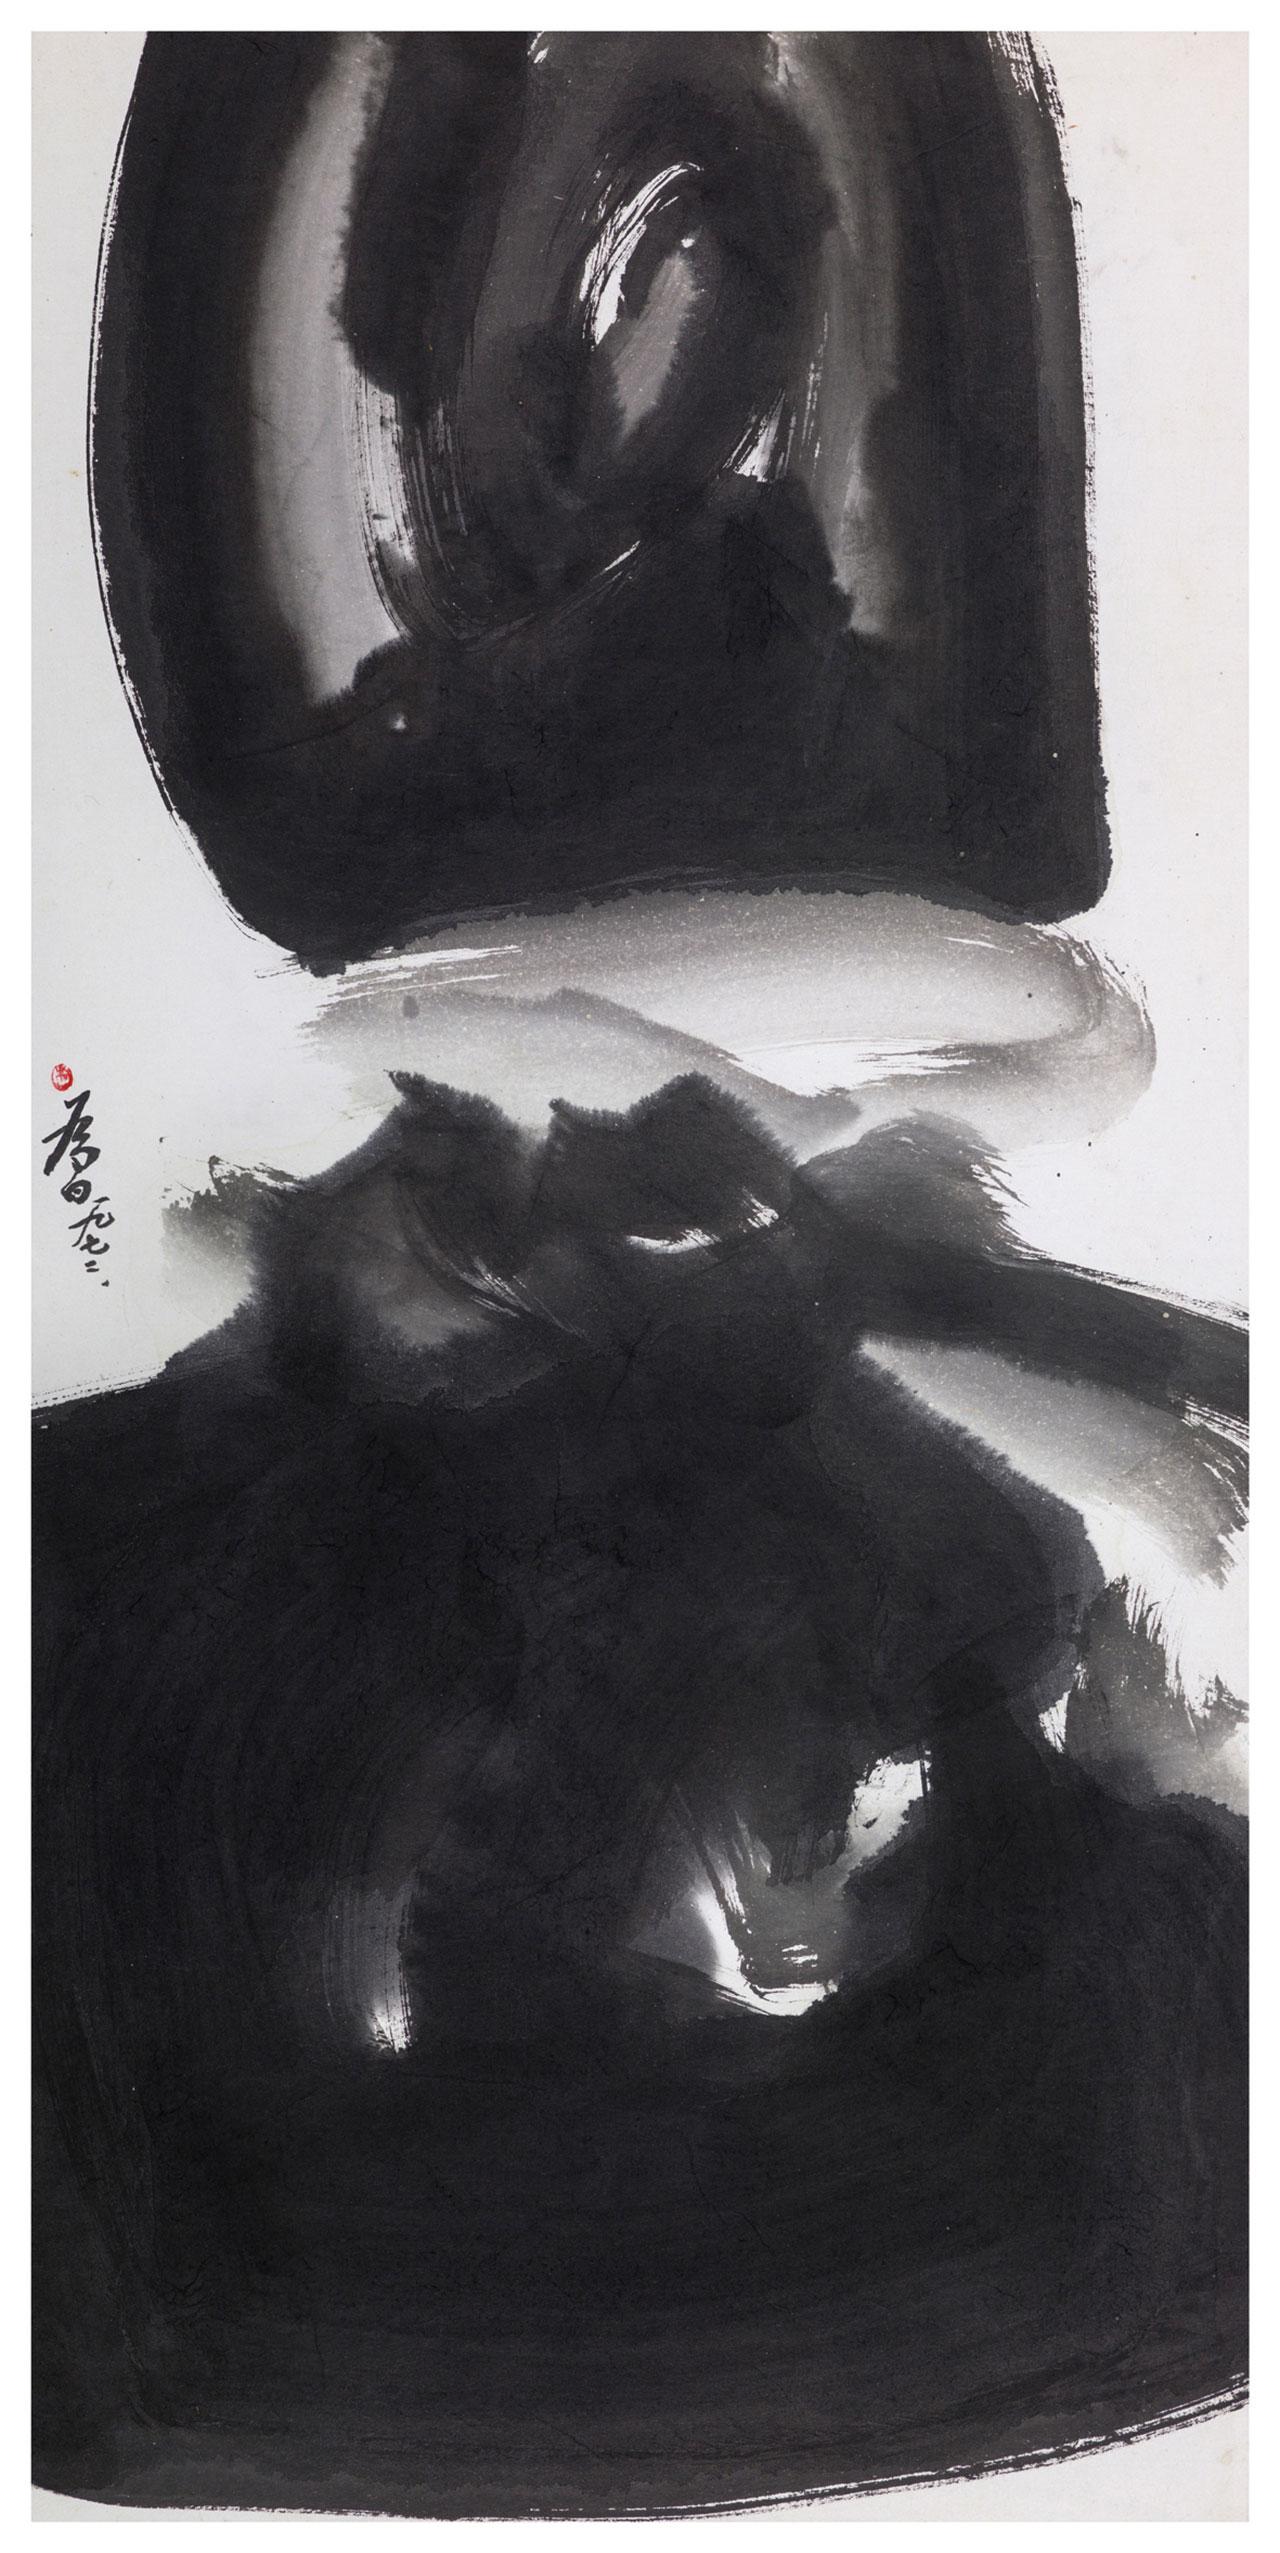 Ink-1 Ink 142x79cm